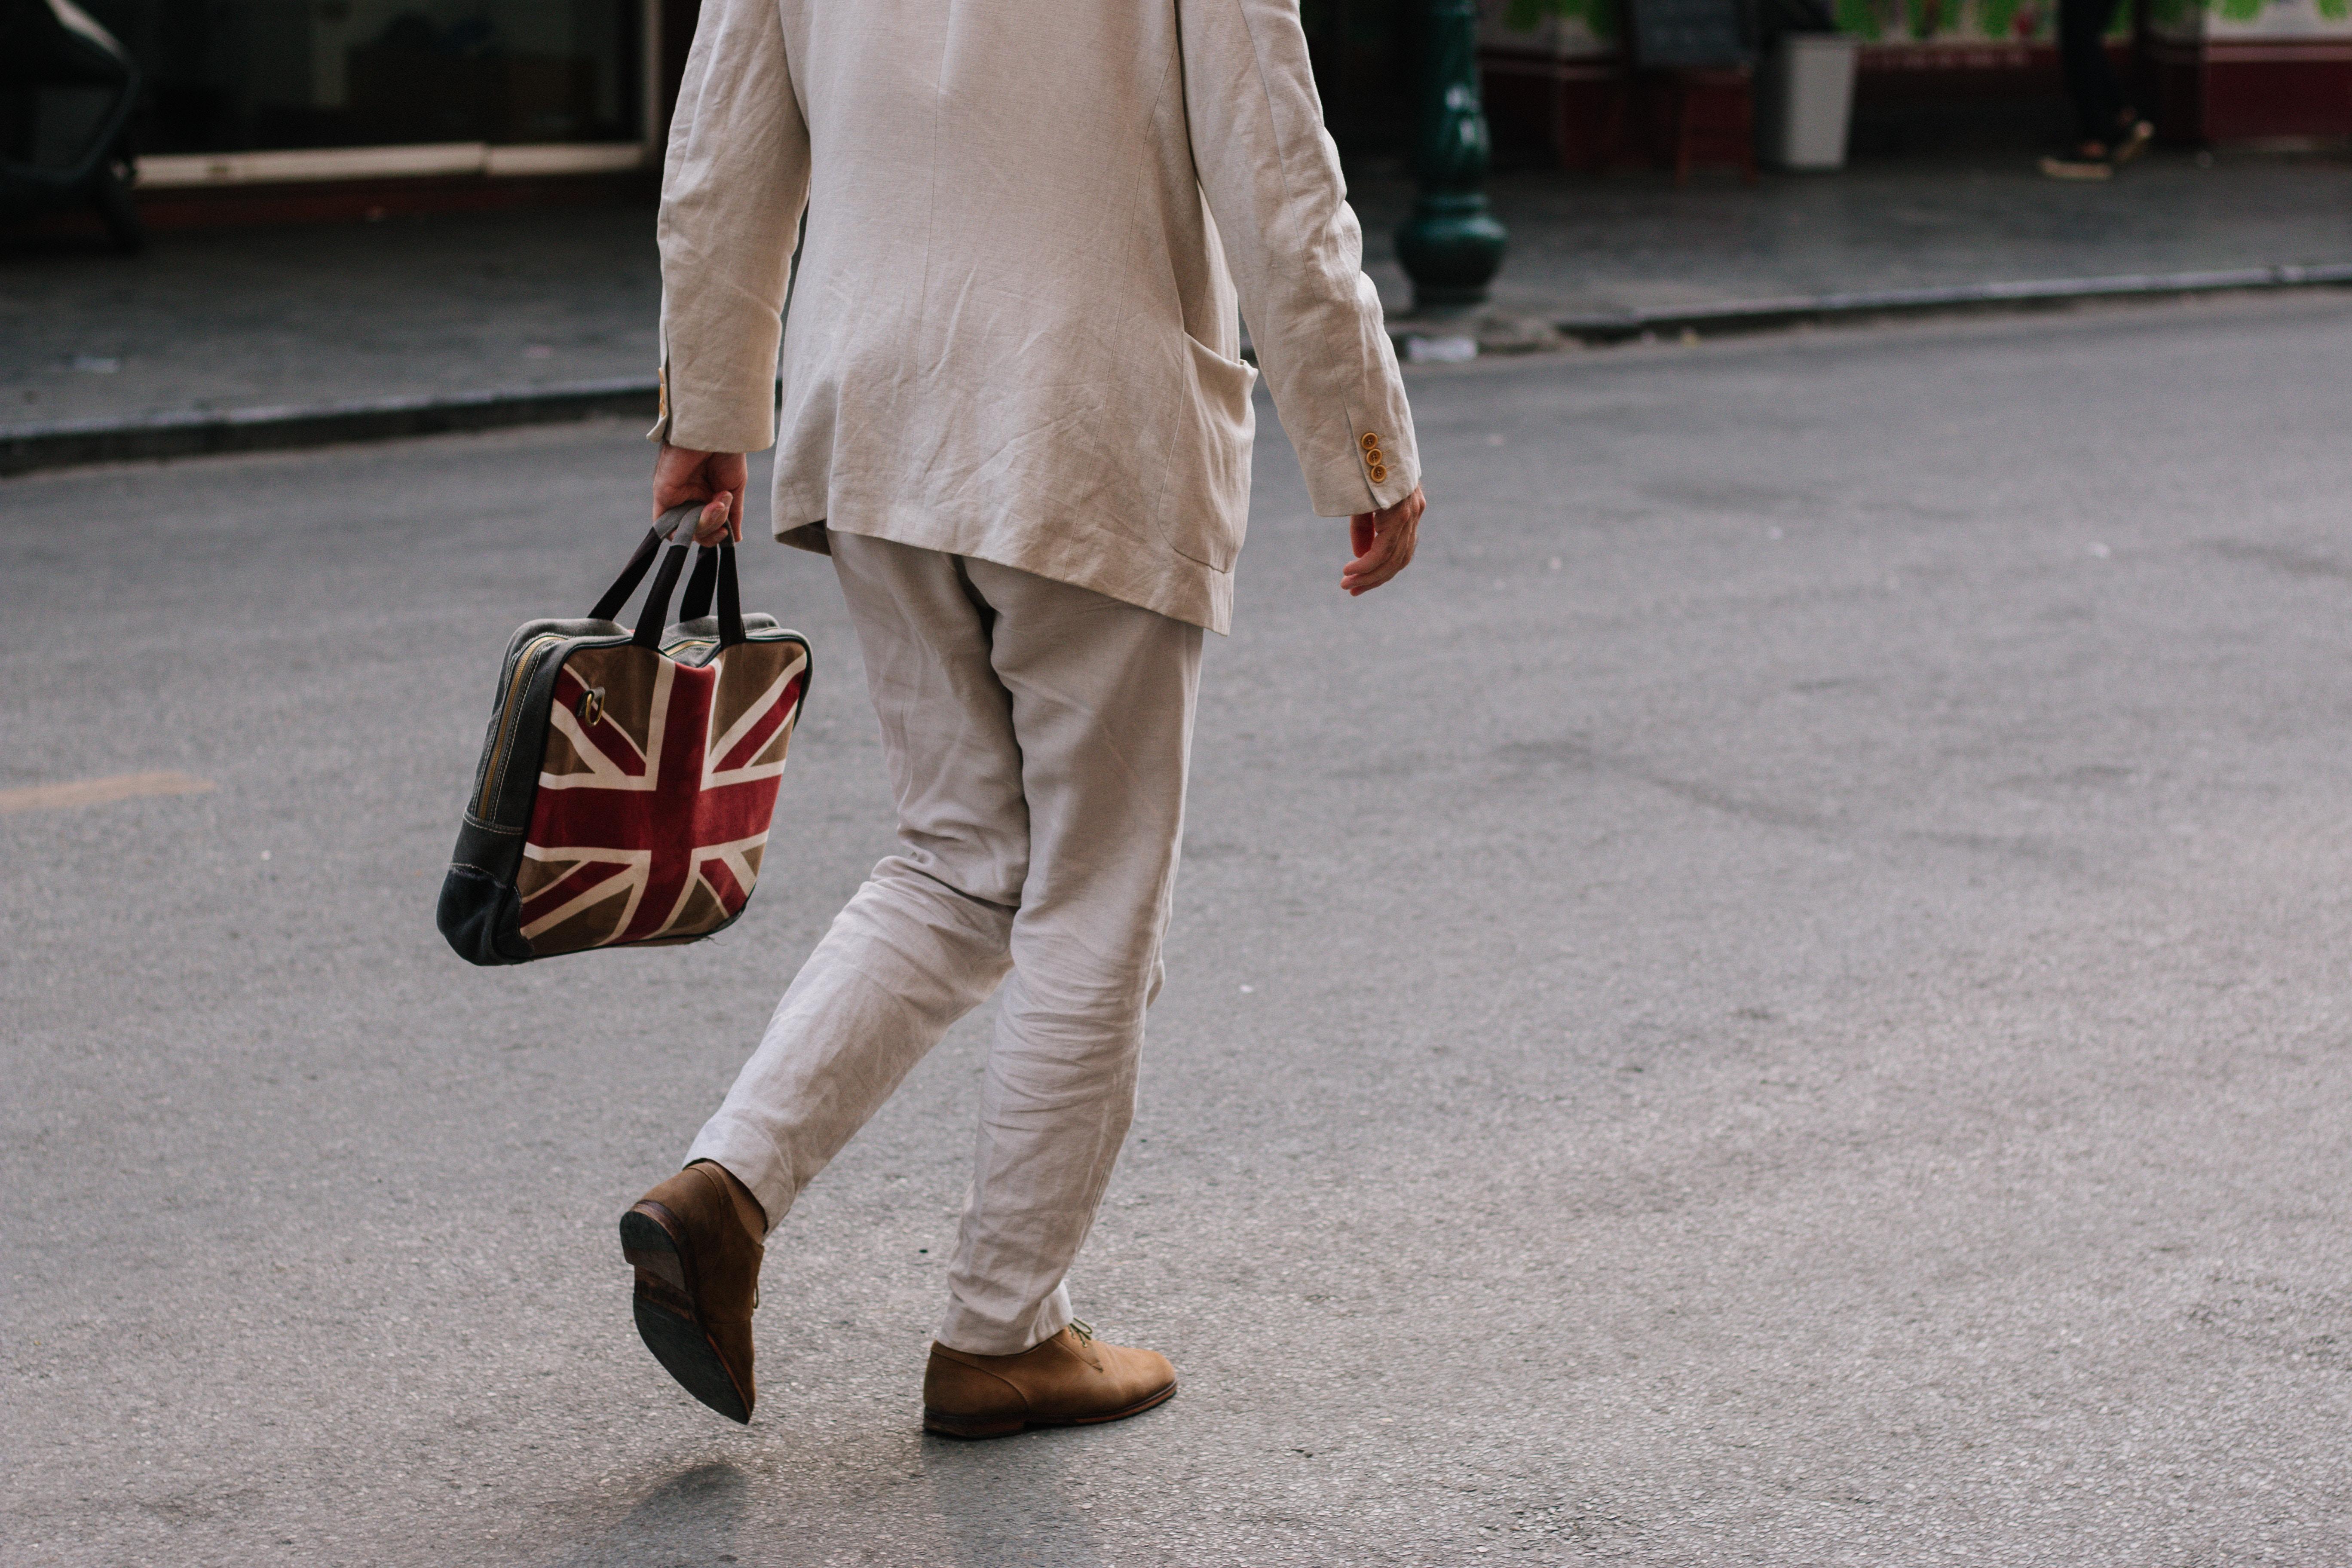 Man with English flag